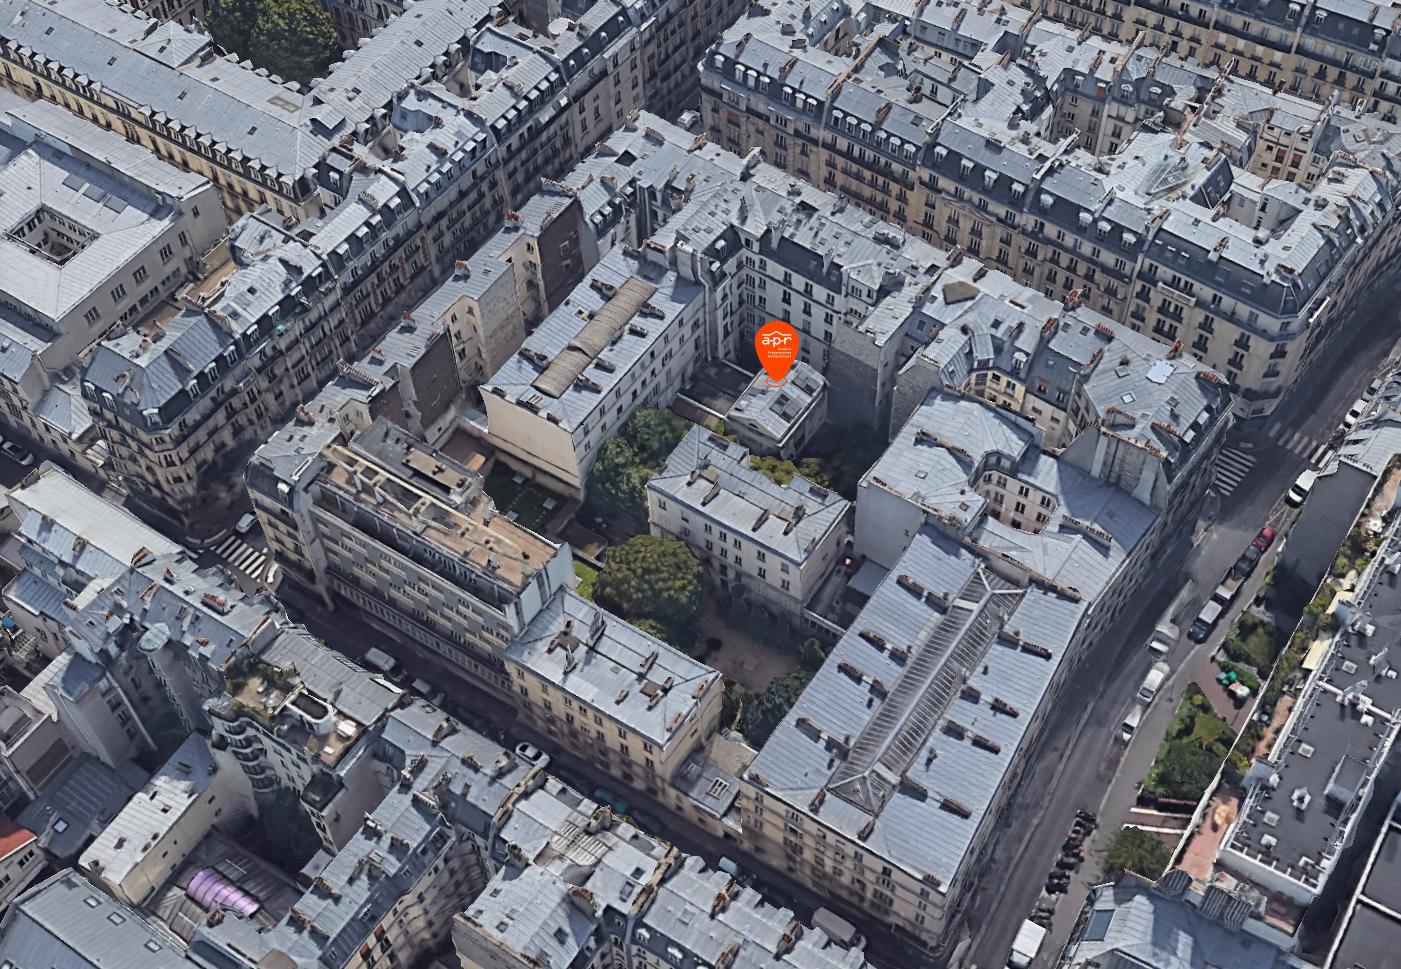 Les Ateliers Prépartoires rochechouart aux métiers du mariage et de l'évènementiel Paris9.